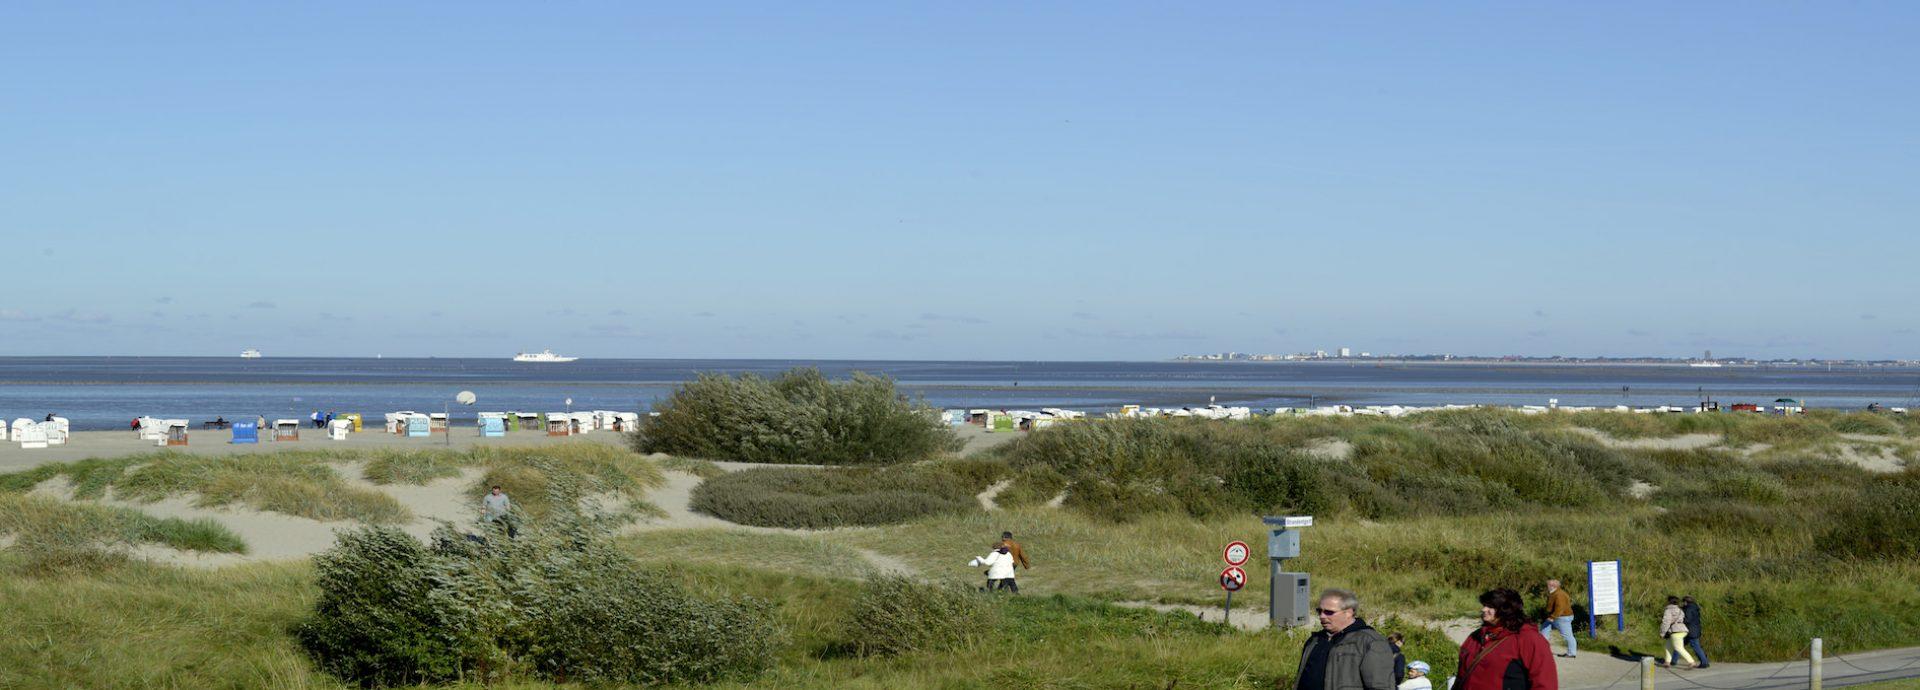 Strand-und-Meer-Norddeich-1